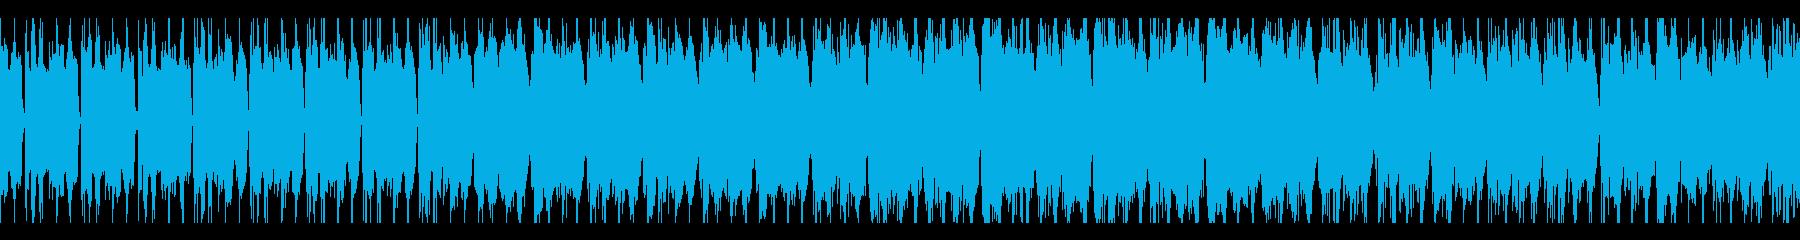 EDM風シューティングBGM ループの再生済みの波形